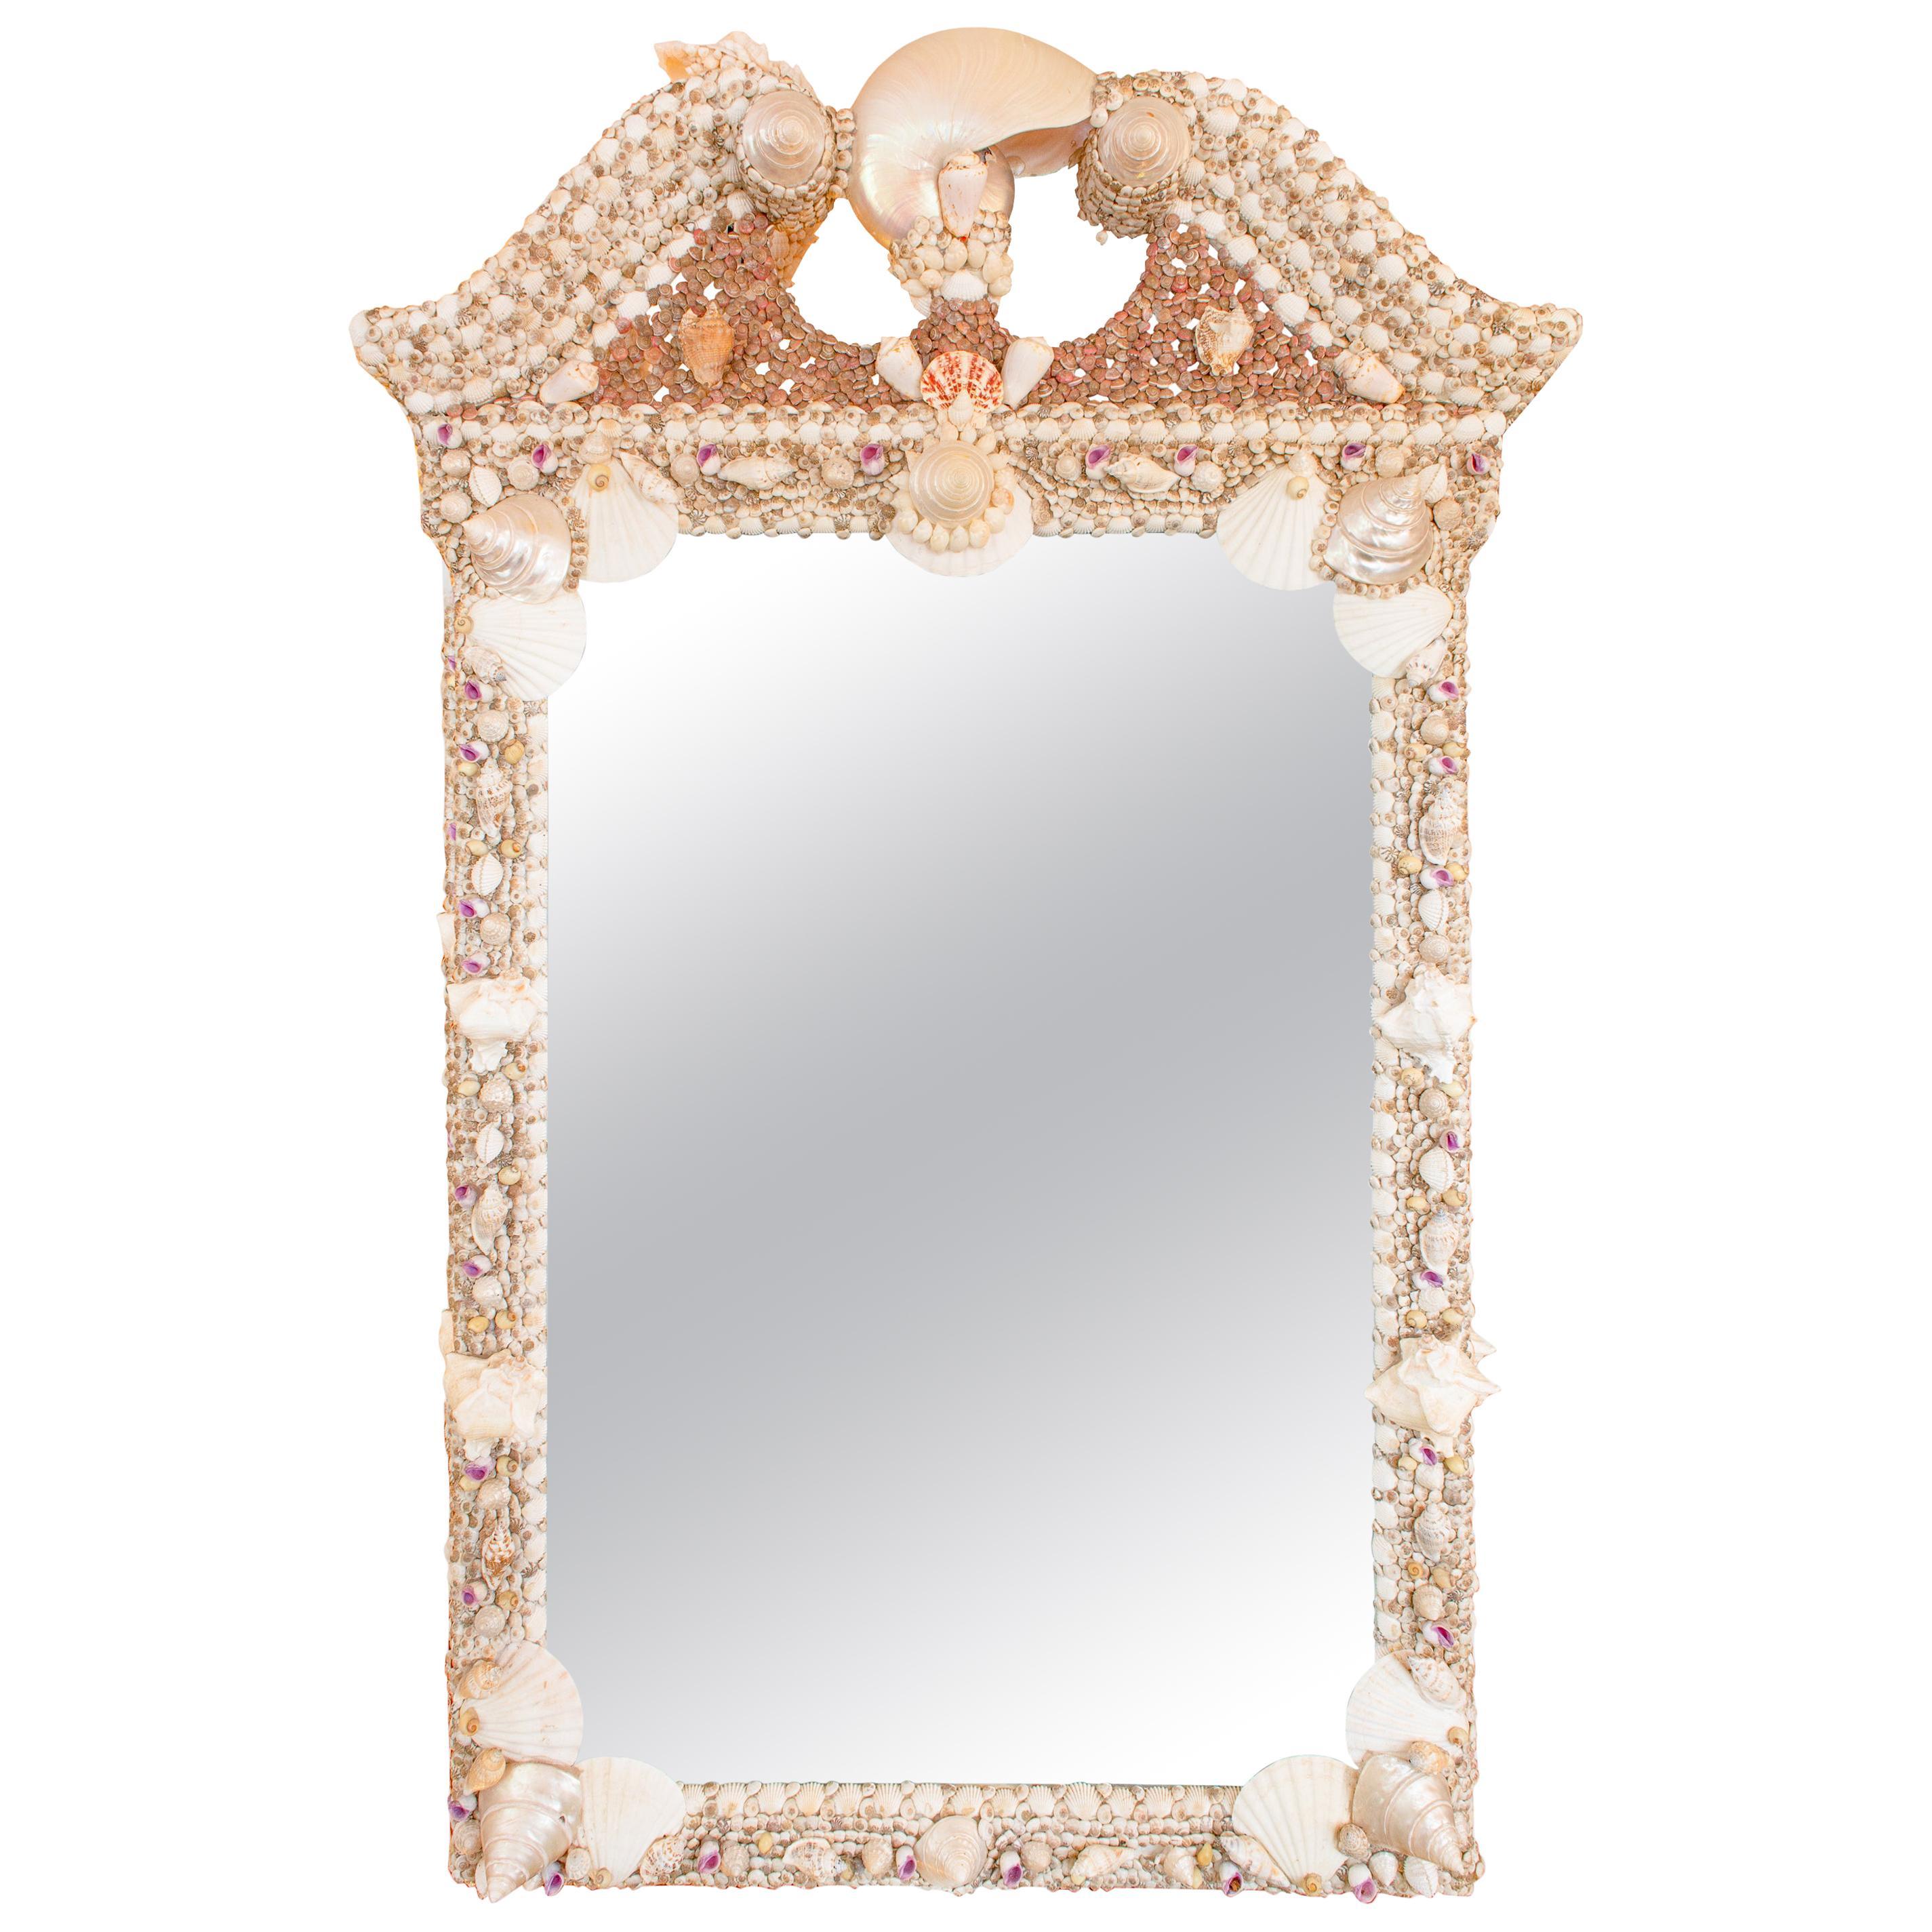 Shell Encrusted Broken-Pediment Mirror